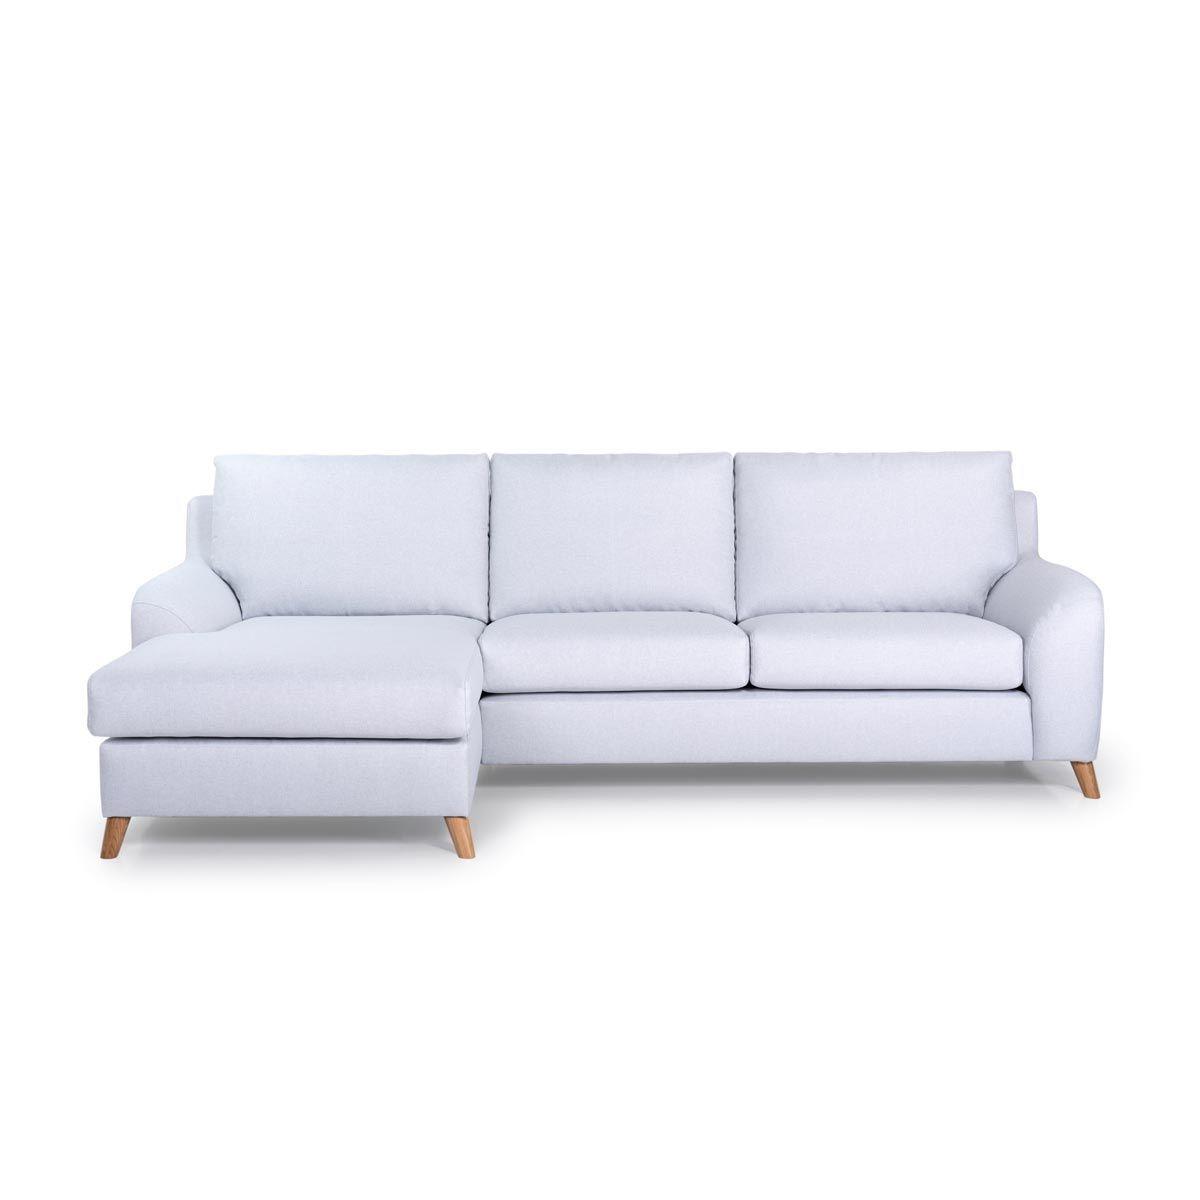 Canapé d'angle animé